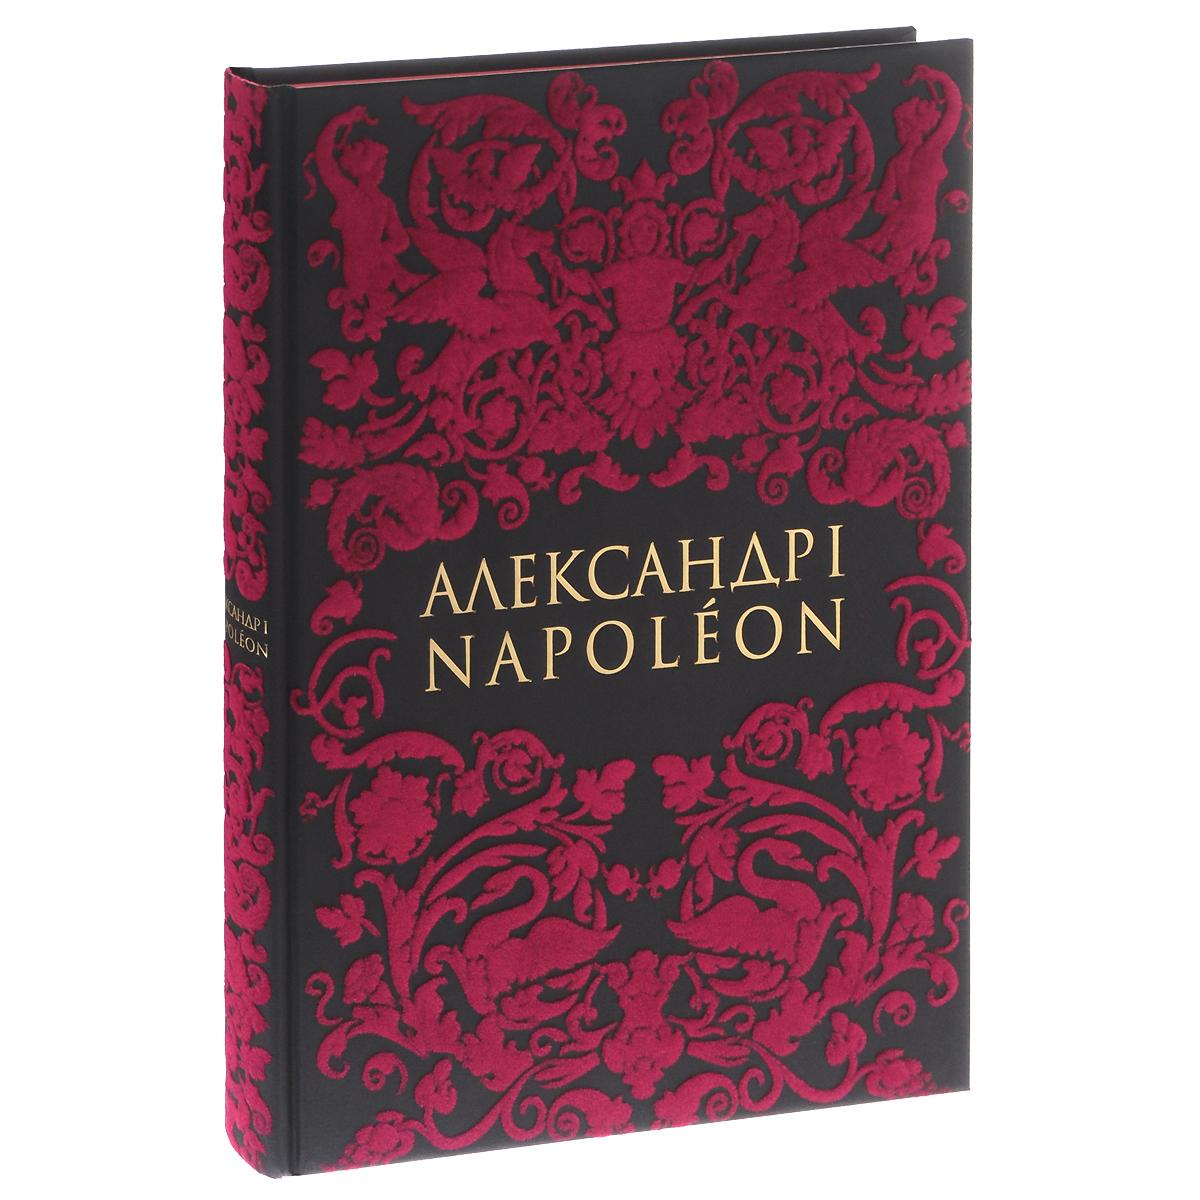 Виктор Безотосный,Ф. Петров,Андрей Яновский Александр I / Napoleon